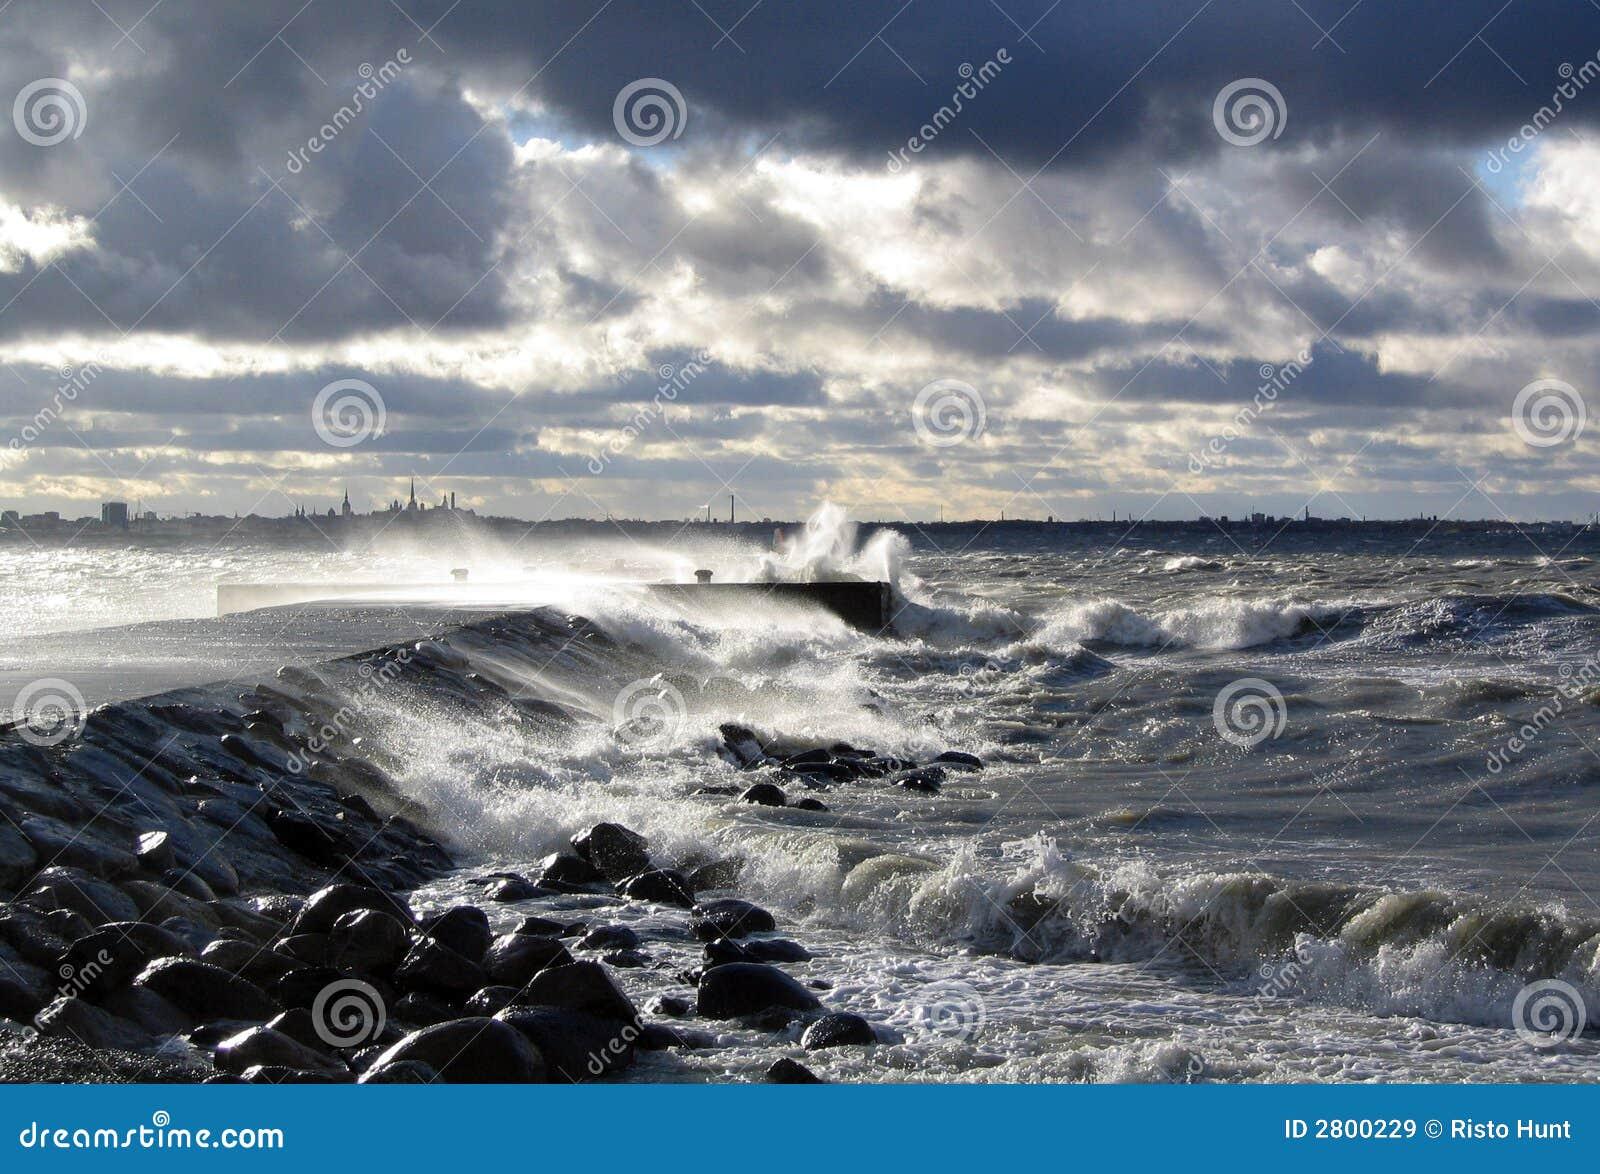 Storm at sea in Tallinn, Estonia